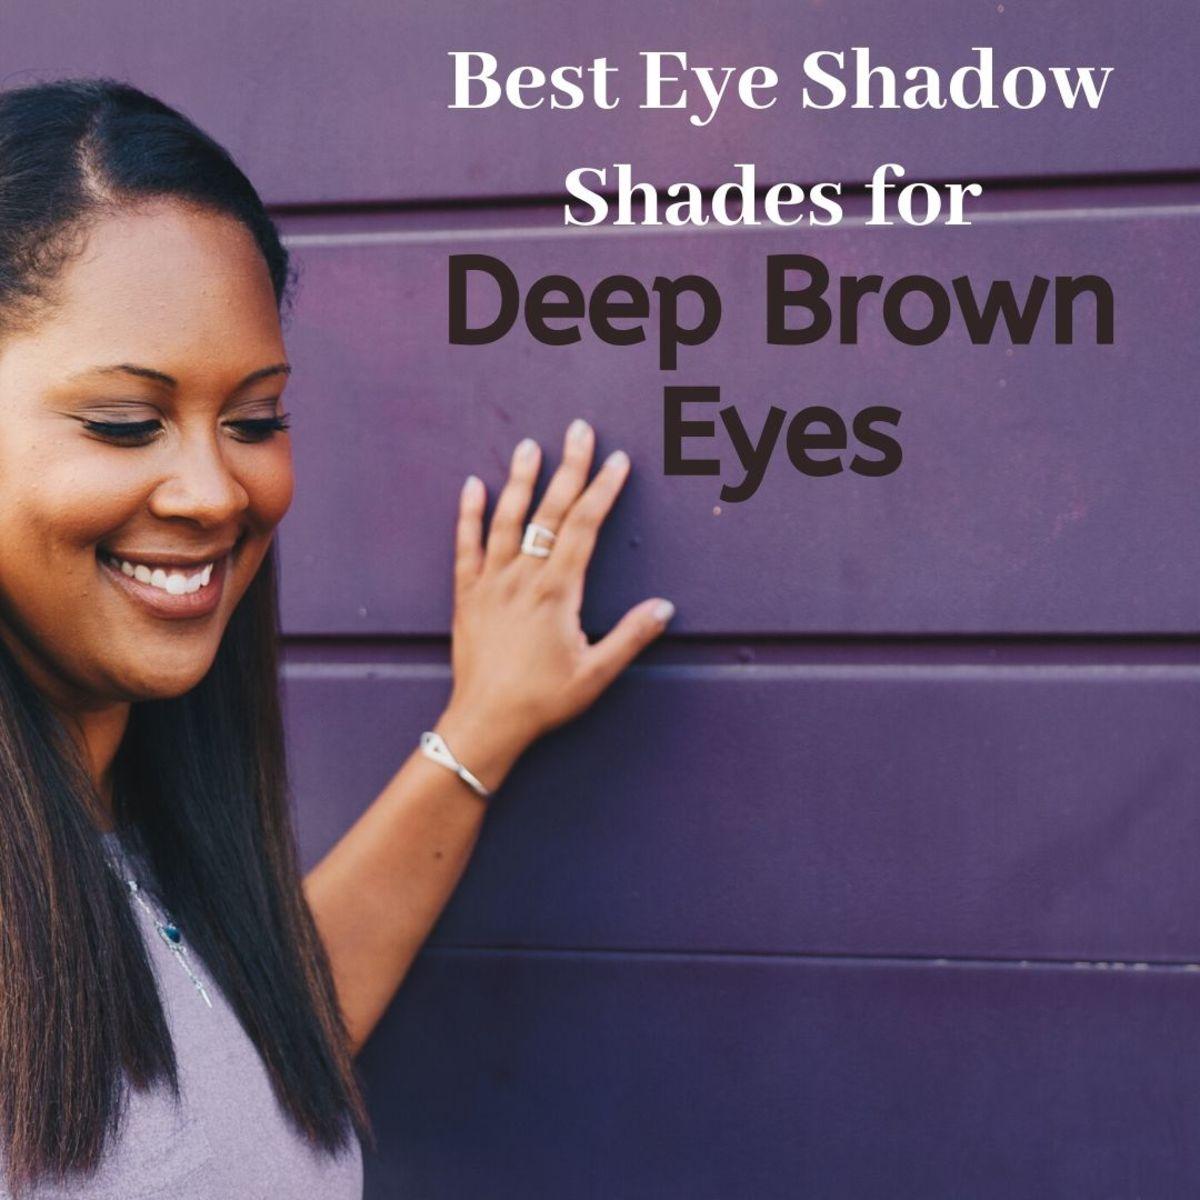 Best Eye Shadow Hues for Deep Brown Eyes